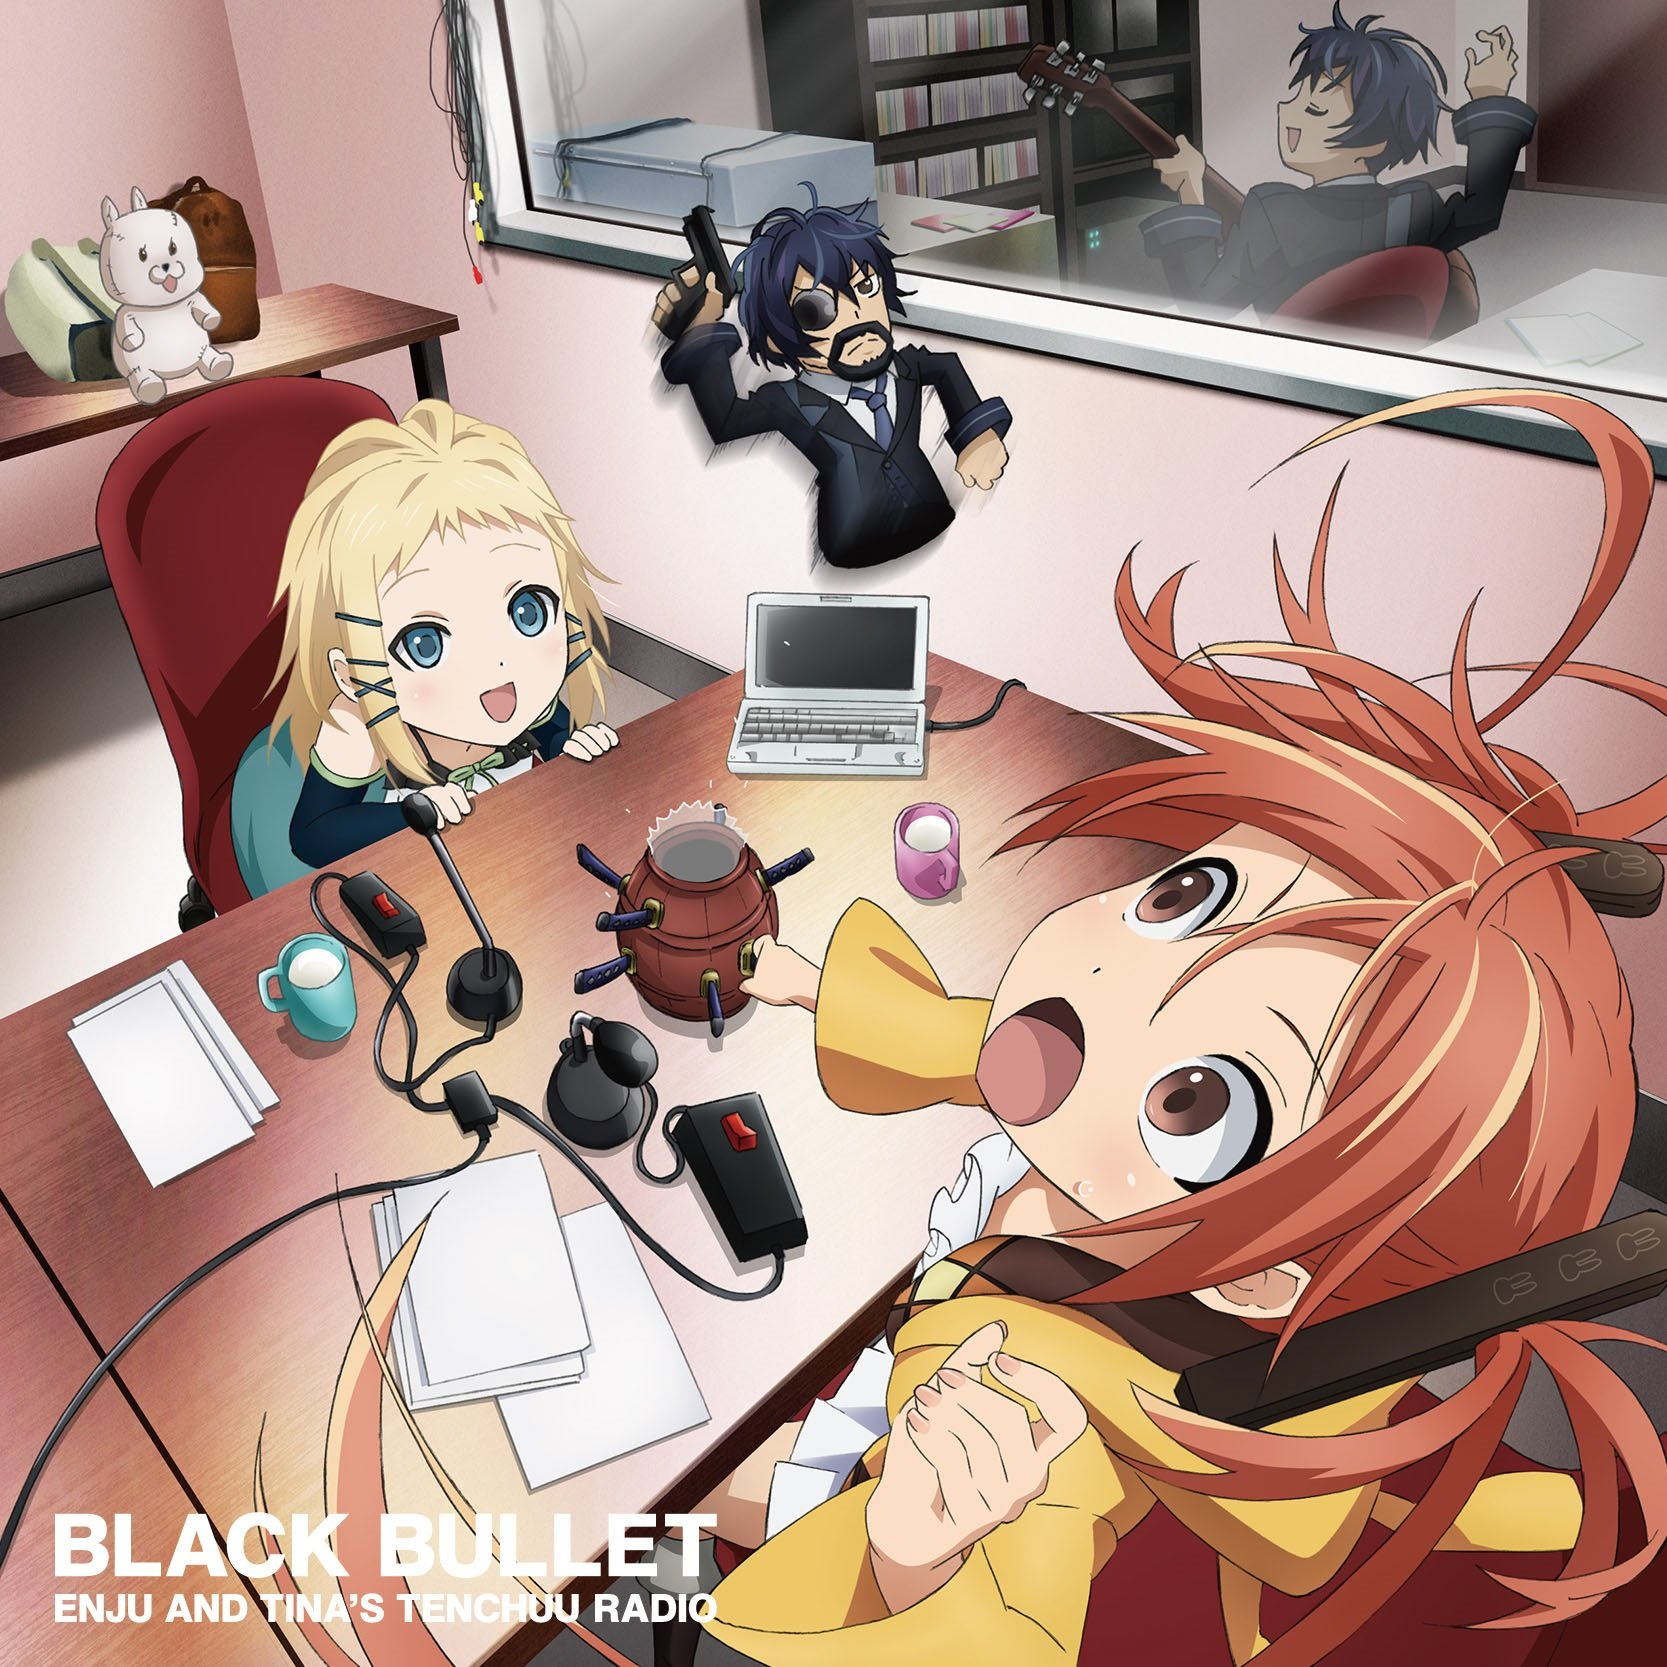 ブラック ブレット Ipad壁紙アニメ画像25481 スマポ